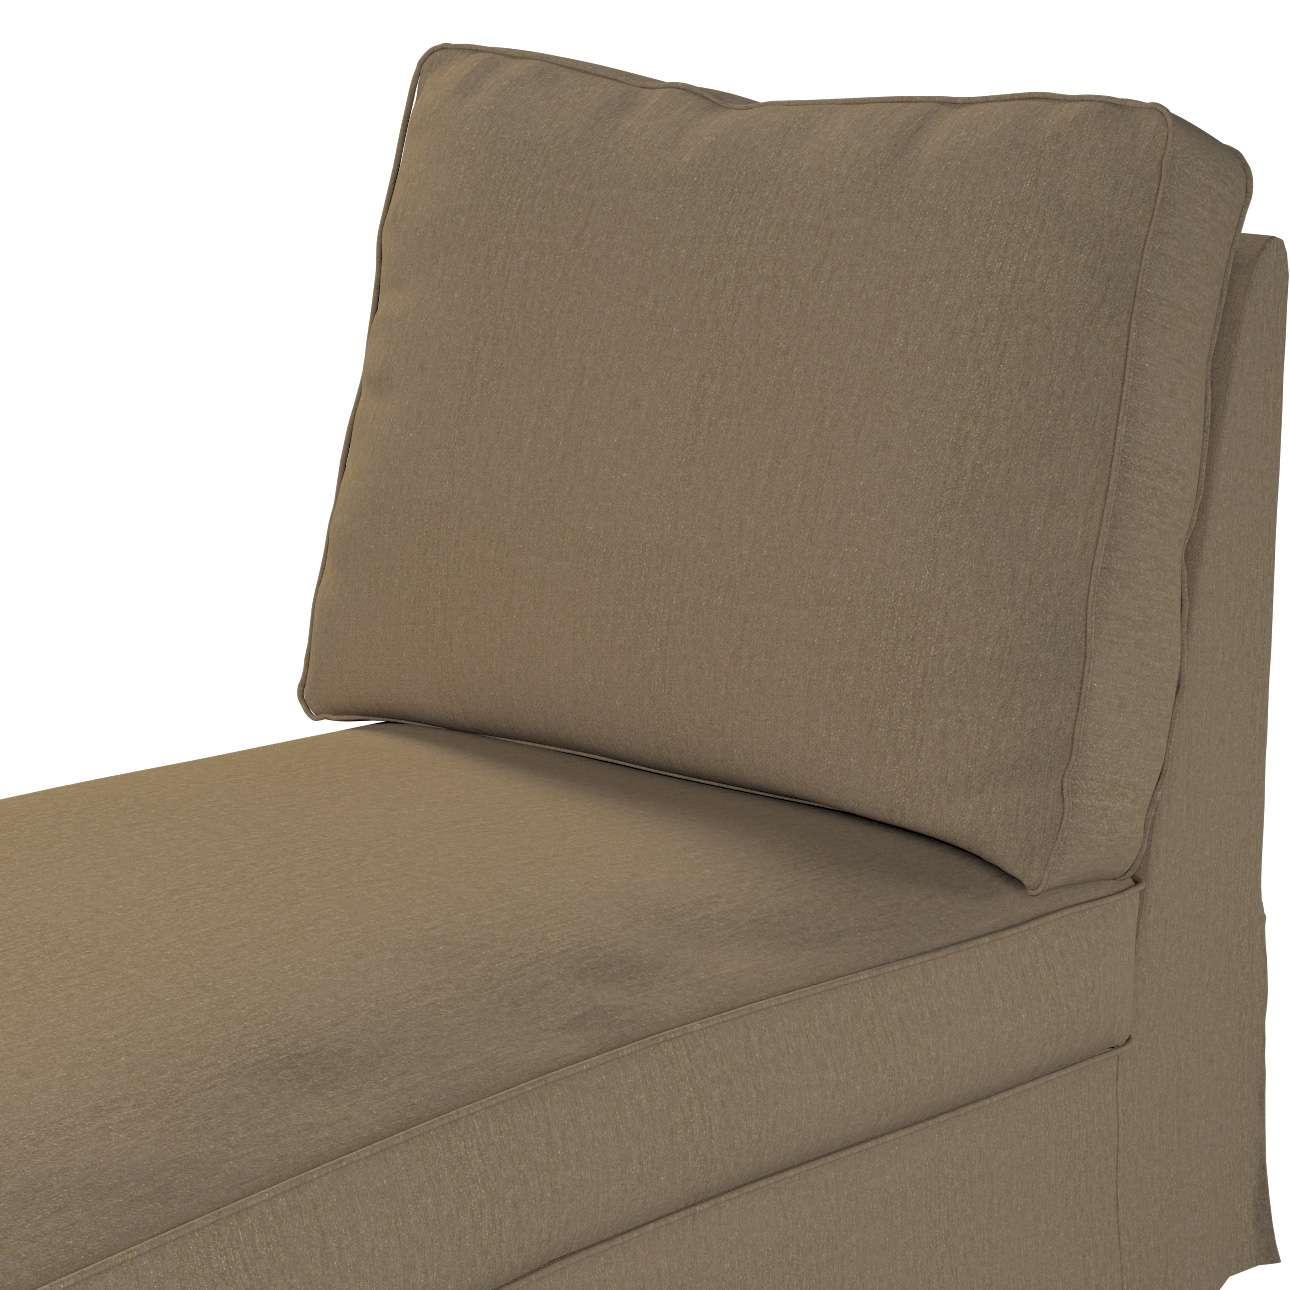 Pokrowiec na szezlong/ leżankę Ektorp wolnostojący prosty tył w kolekcji Chenille, tkanina: 702-21